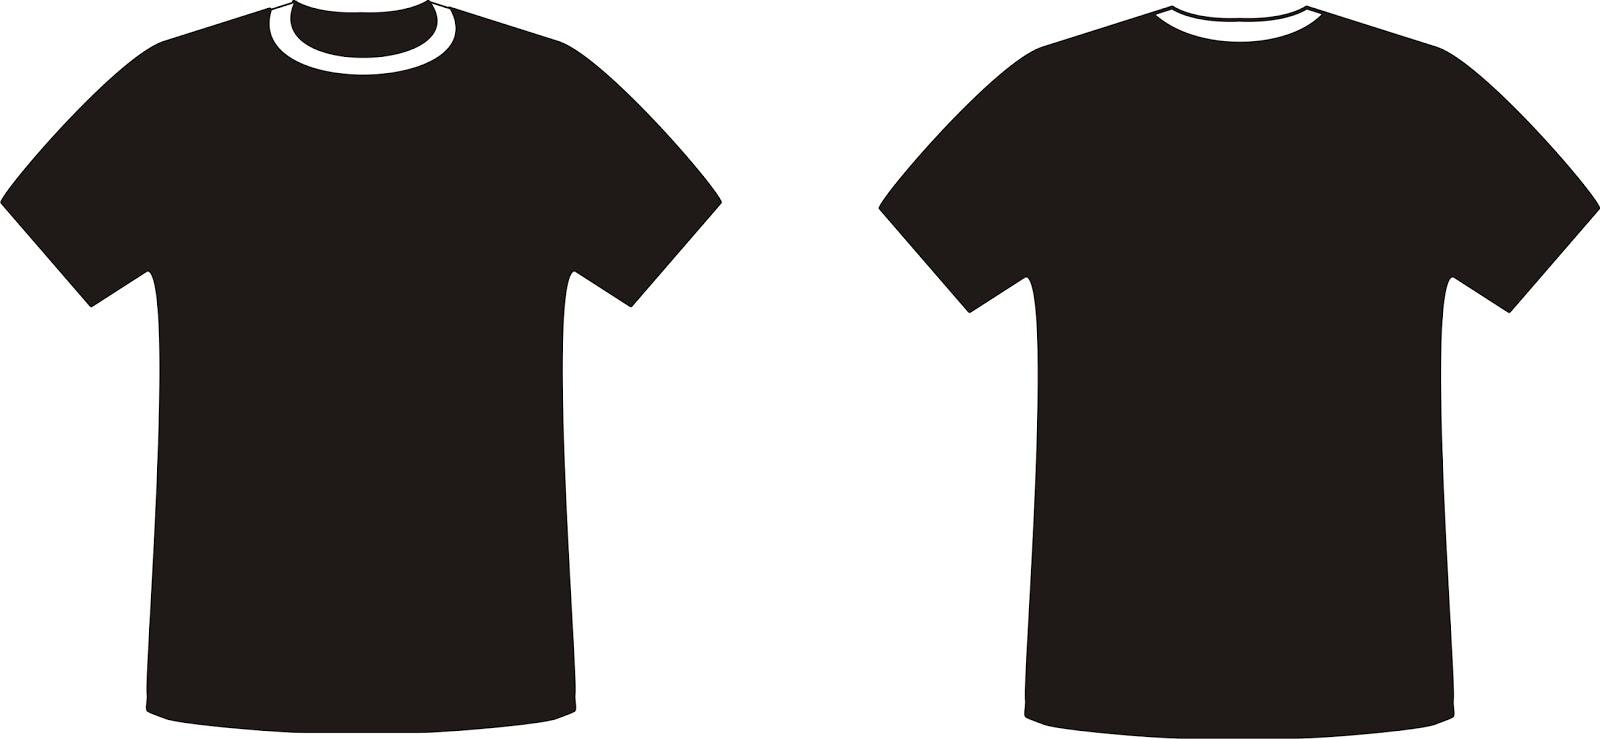 7700 Ide Contoh Baju Polos Untuk Desain Gratis Terbaru Download Gratis